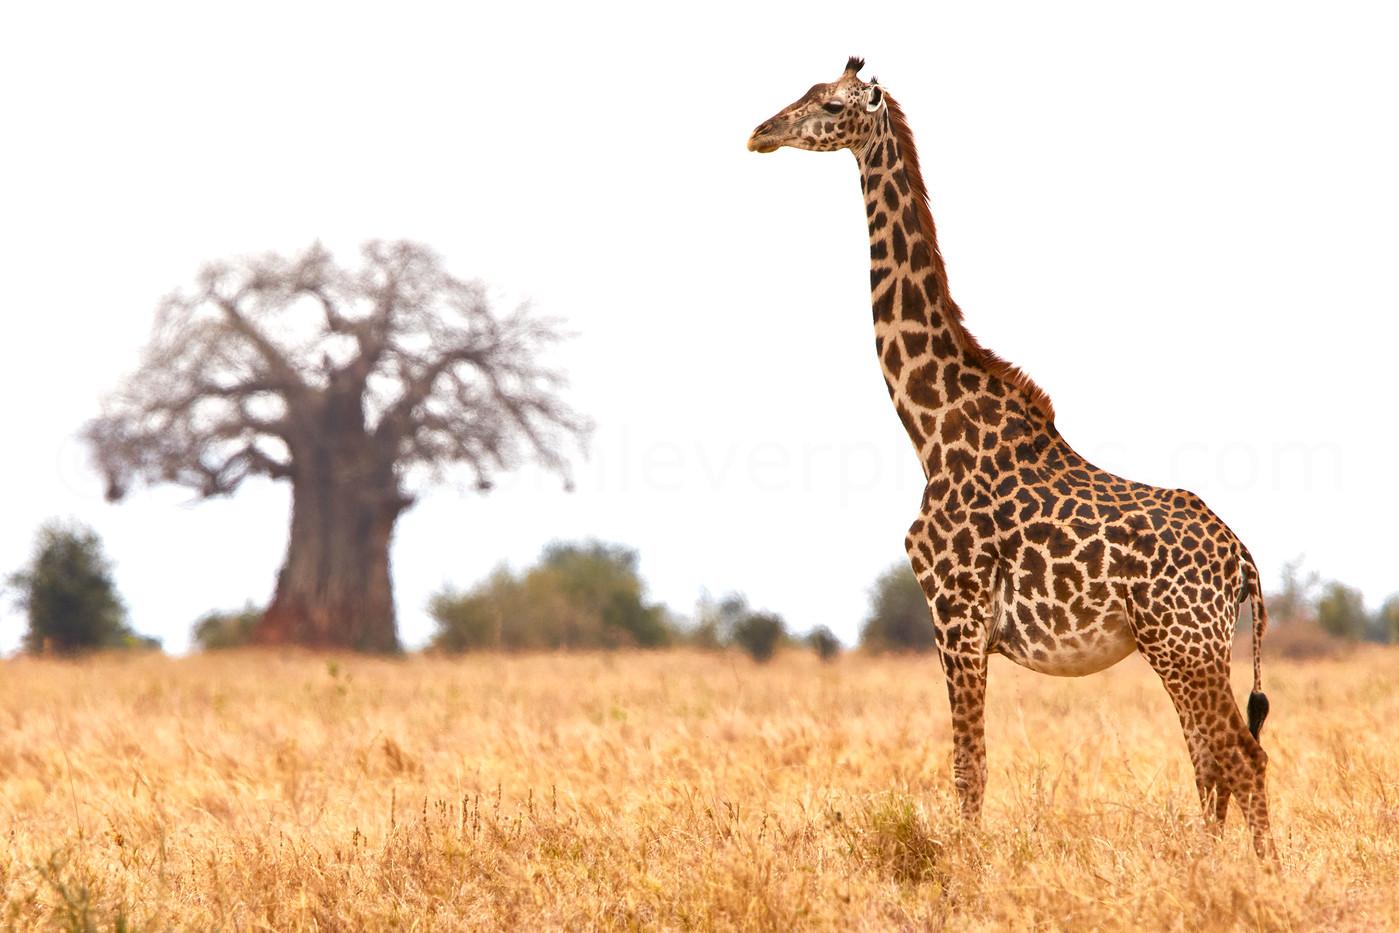 Masai Giraffe & Baobab in Tarangire NP, Tanzania